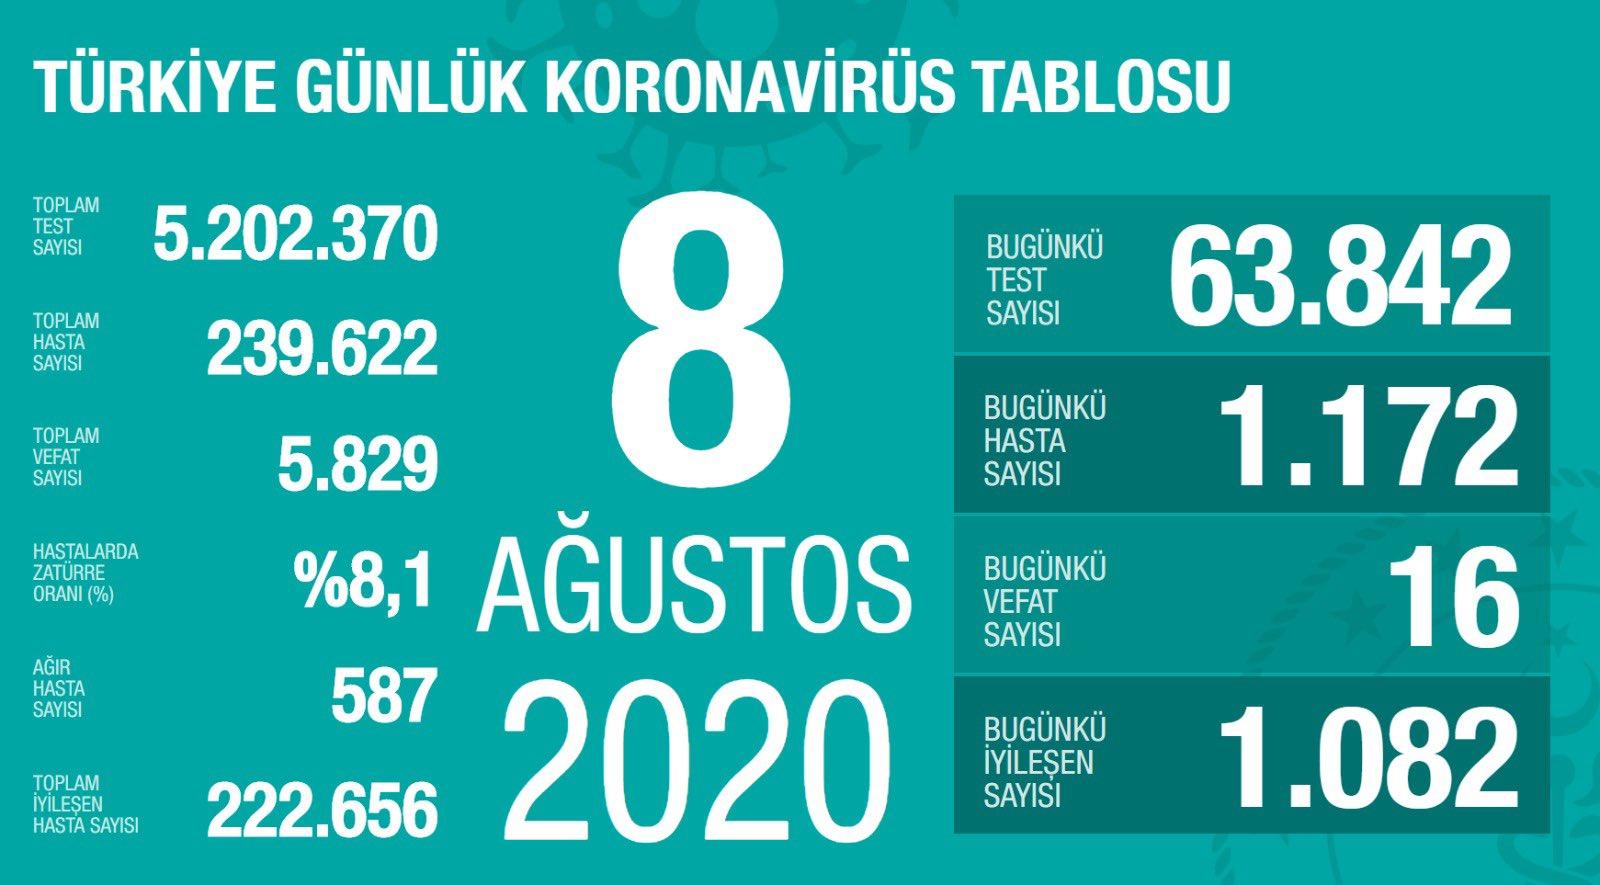 Bakan Koca: Zatüre oranı tüm Türkiye'de düştü